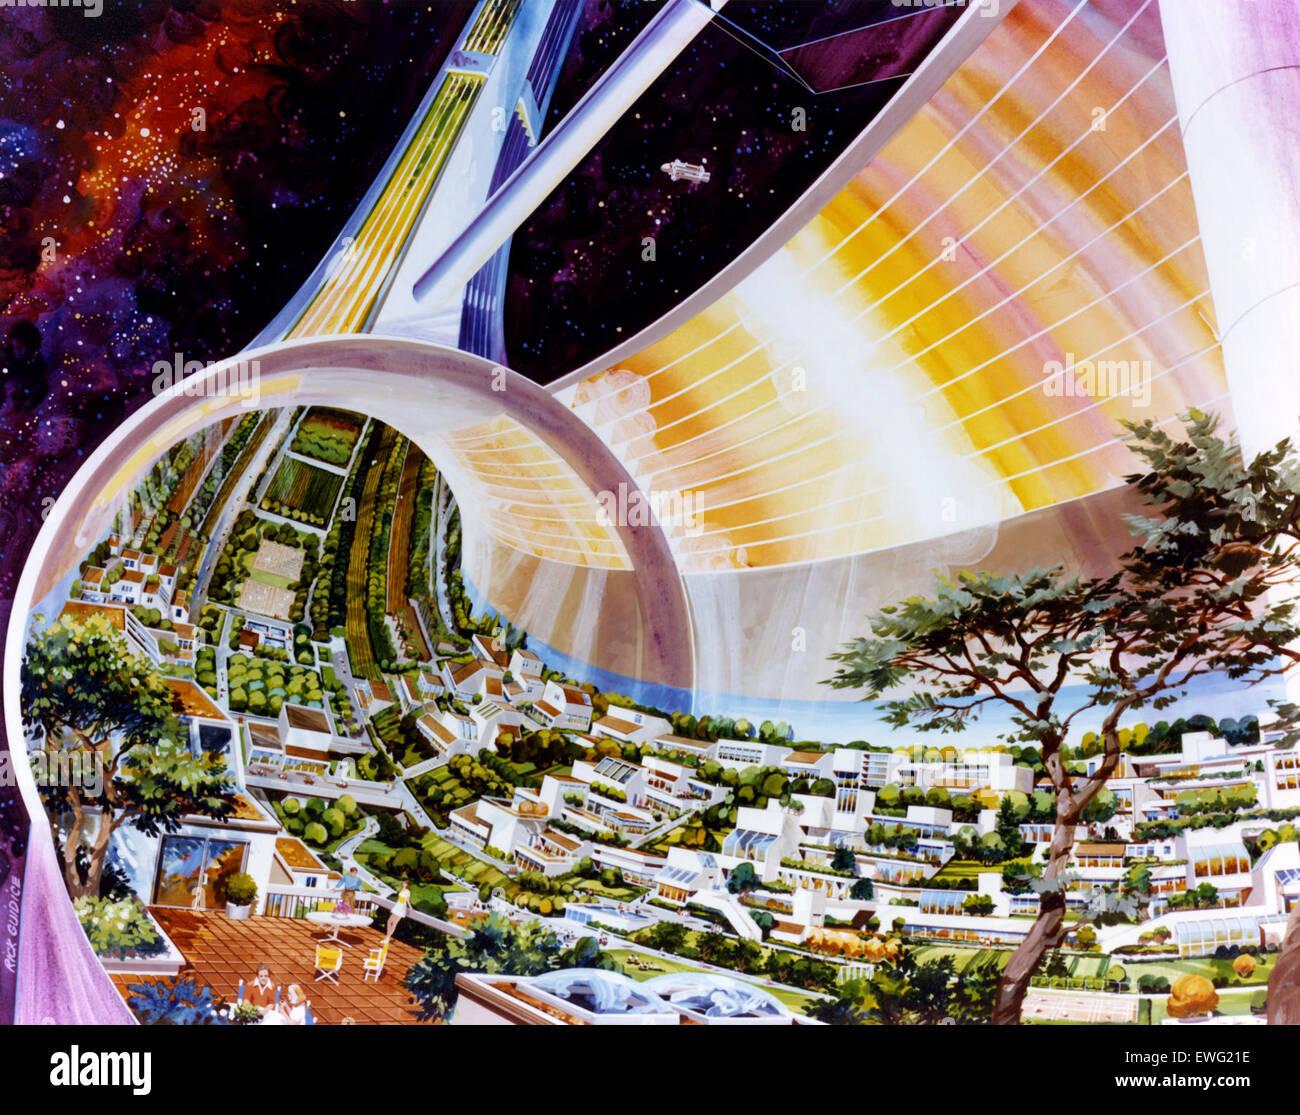 La colonisation de l'espace de l'Art spatial de la NASA Space Colony Space Colony colonie spatiale illustration Photo Stock